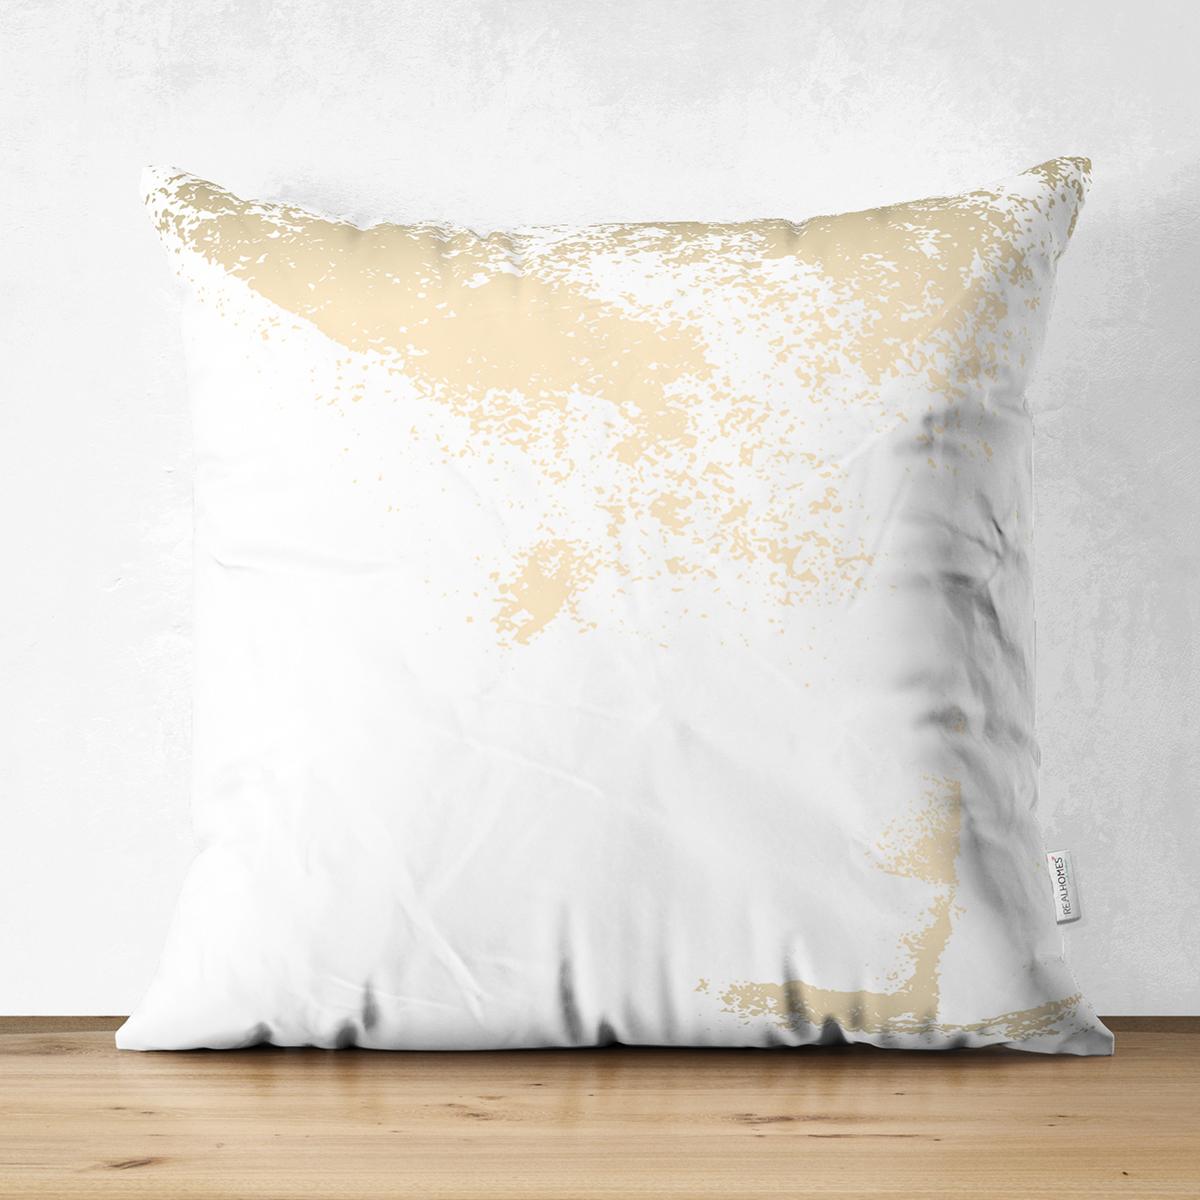 Çift Taraflı Beyaz Zeminde Gold Detaylı Dijital Baskılı Modern Süet Yastık Kırlent Kılıfı Realhomes